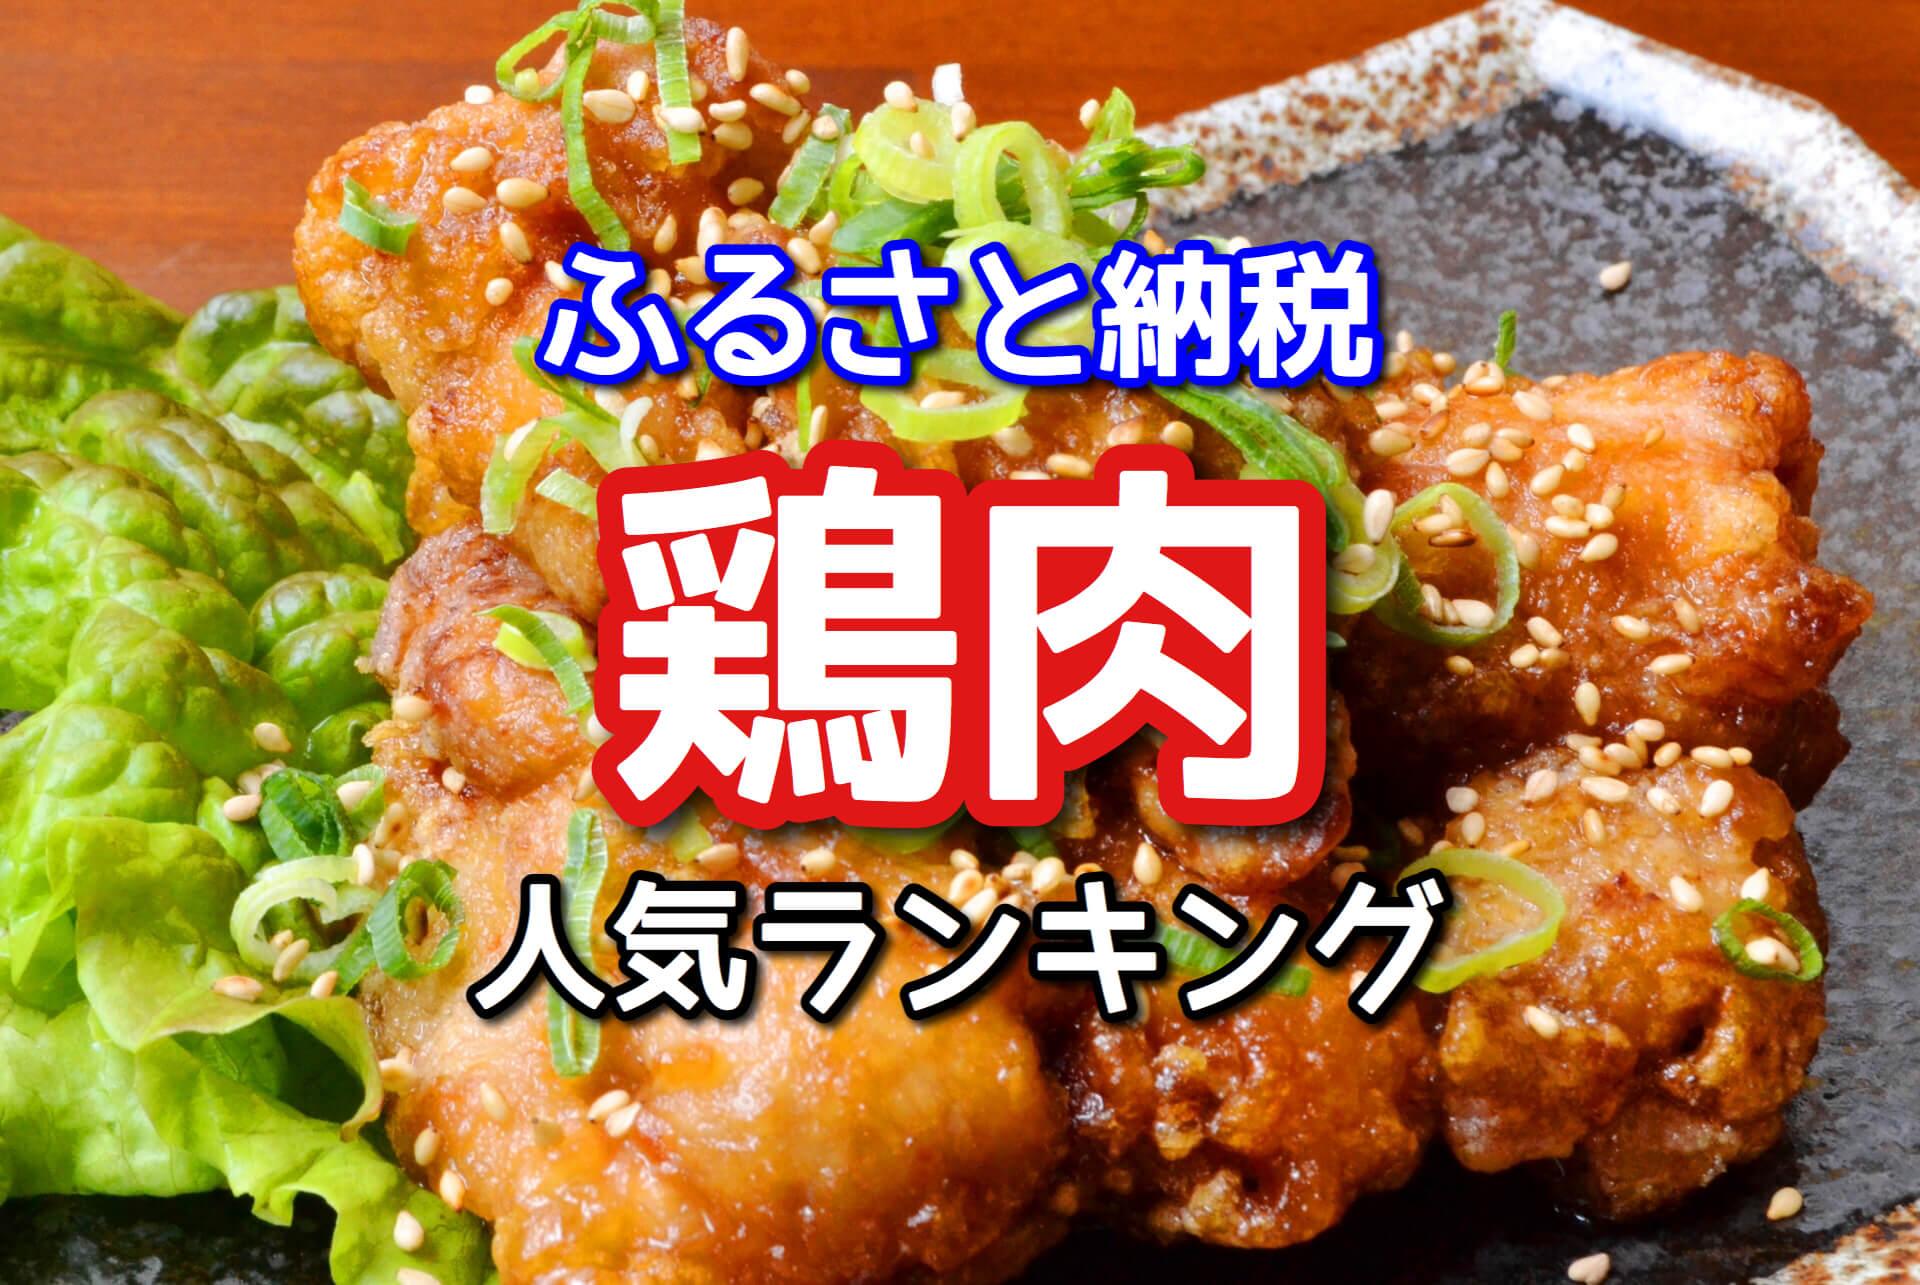 ふるさと納税鶏肉おすすめTOP20!鶏肉人気ランキング【2018】